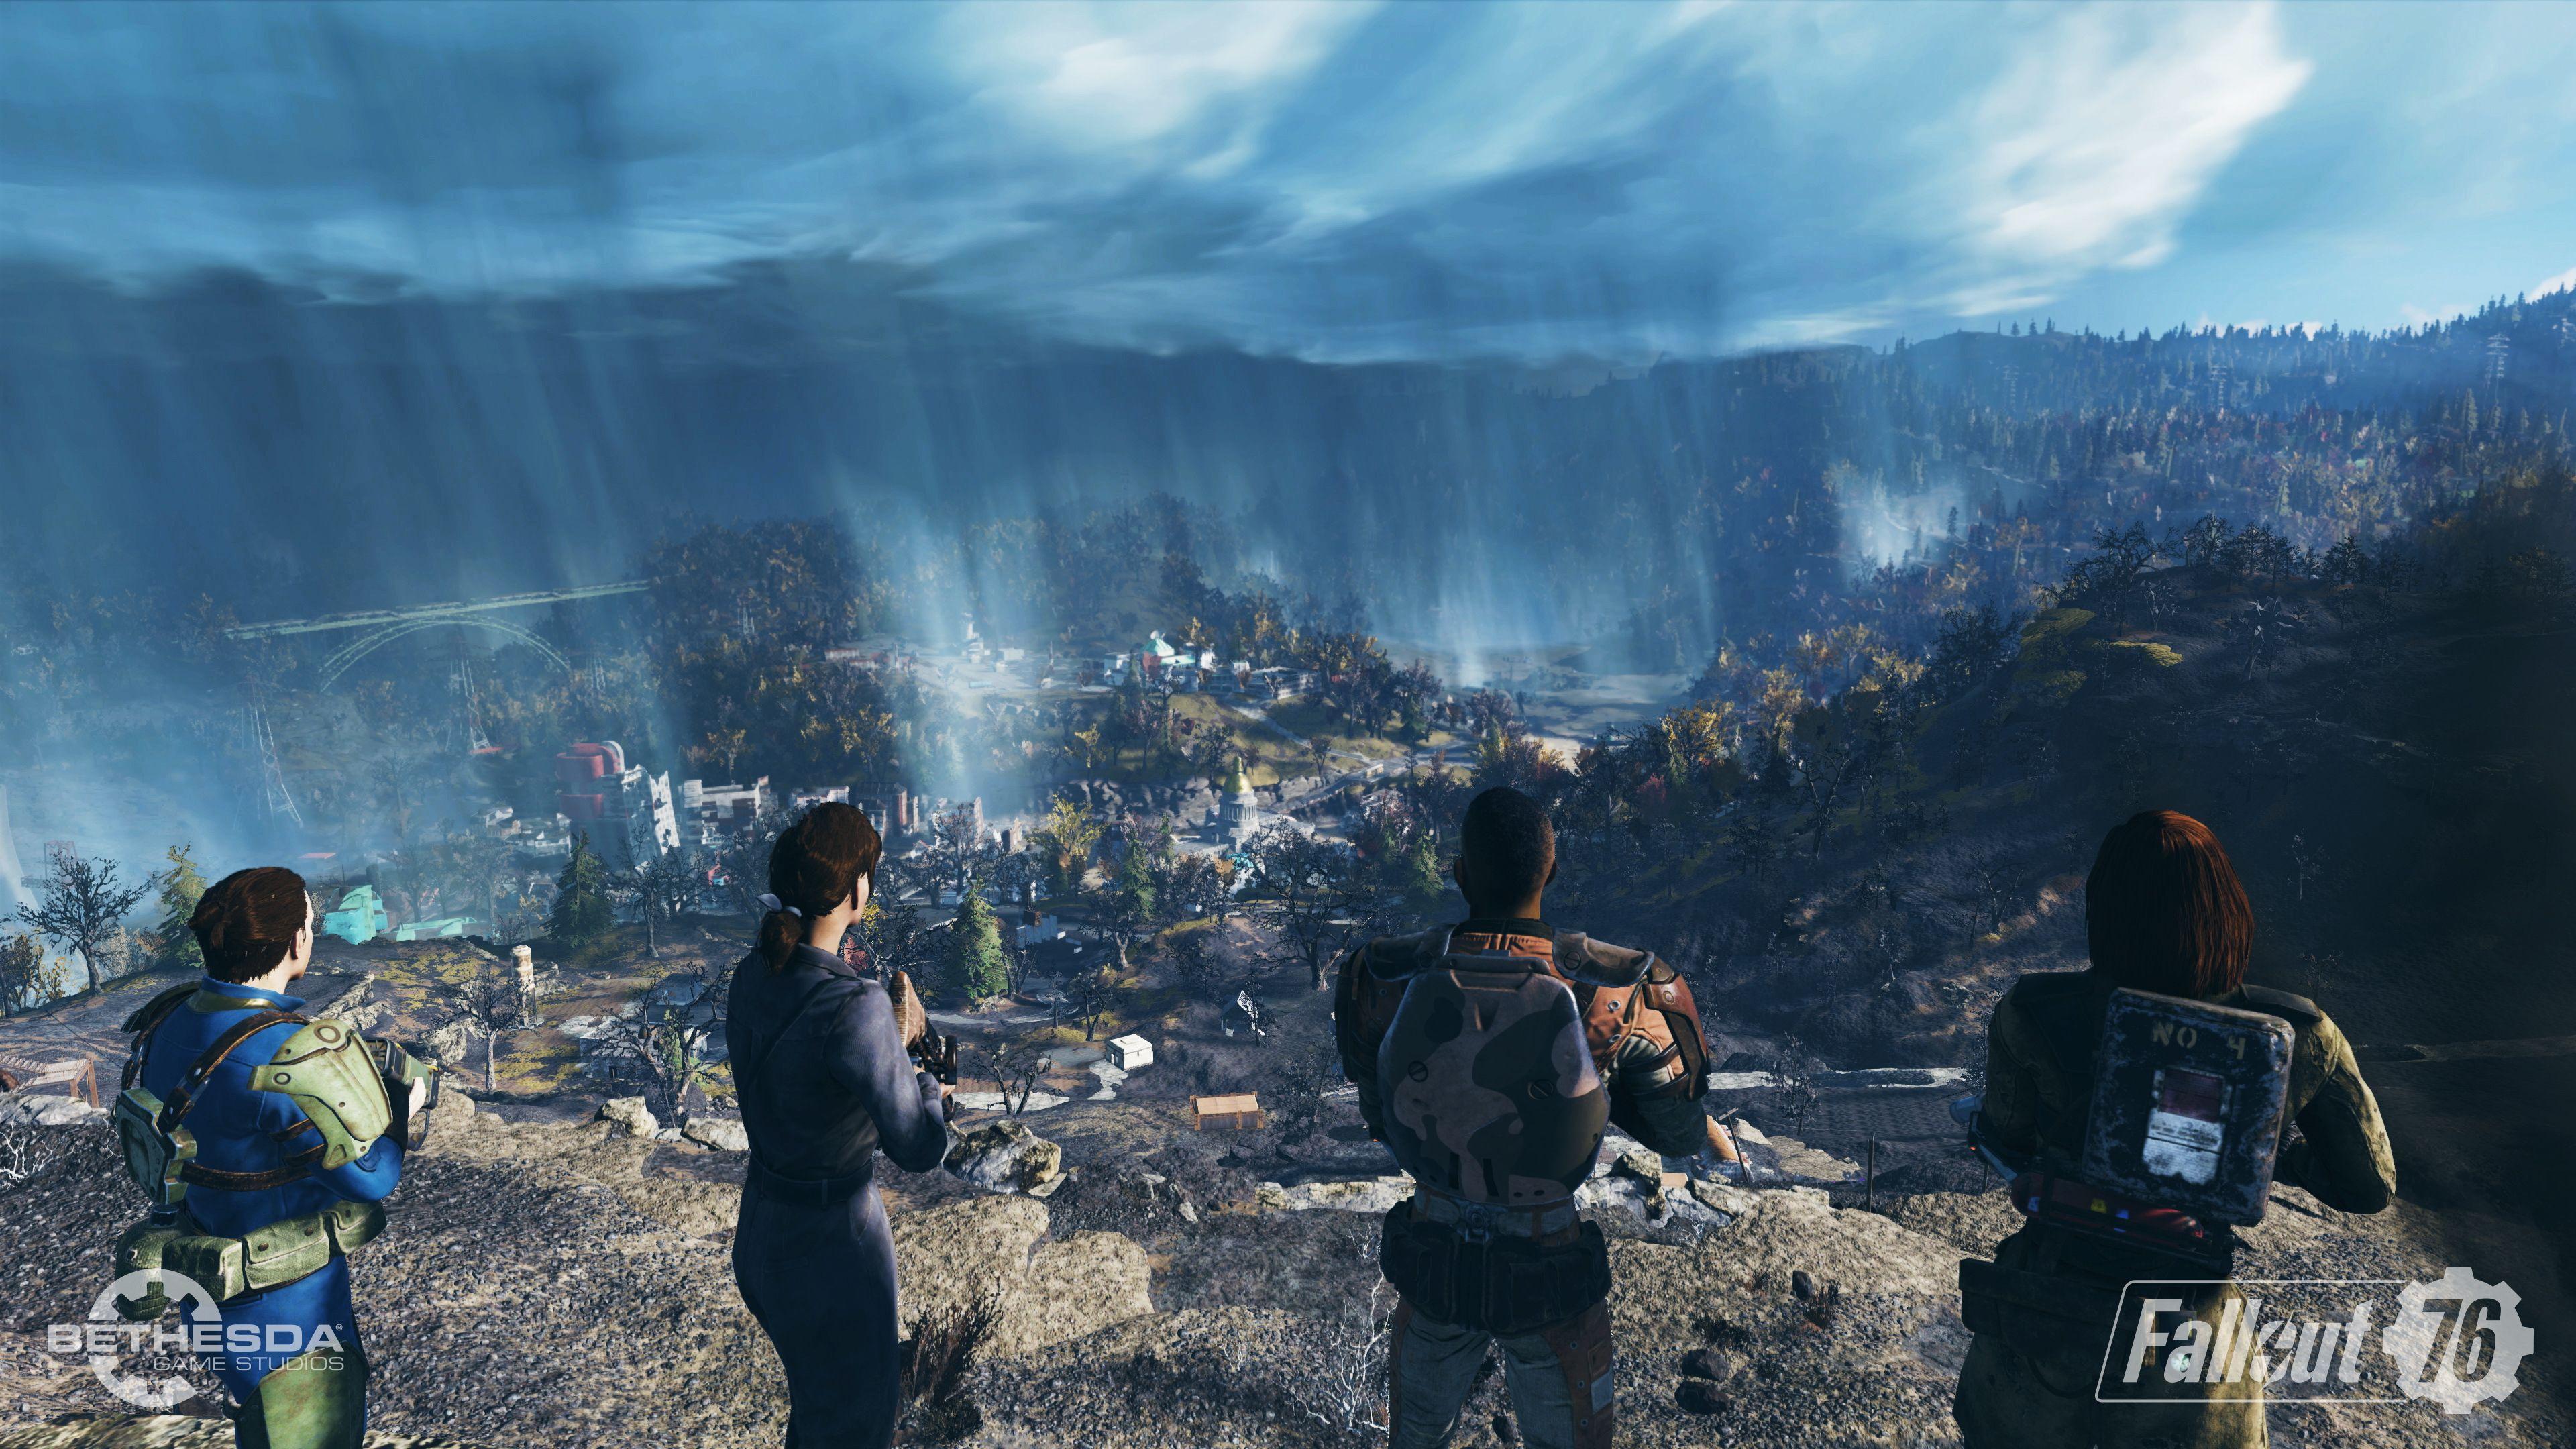 VI STRØMMER SNART: Fallout 76